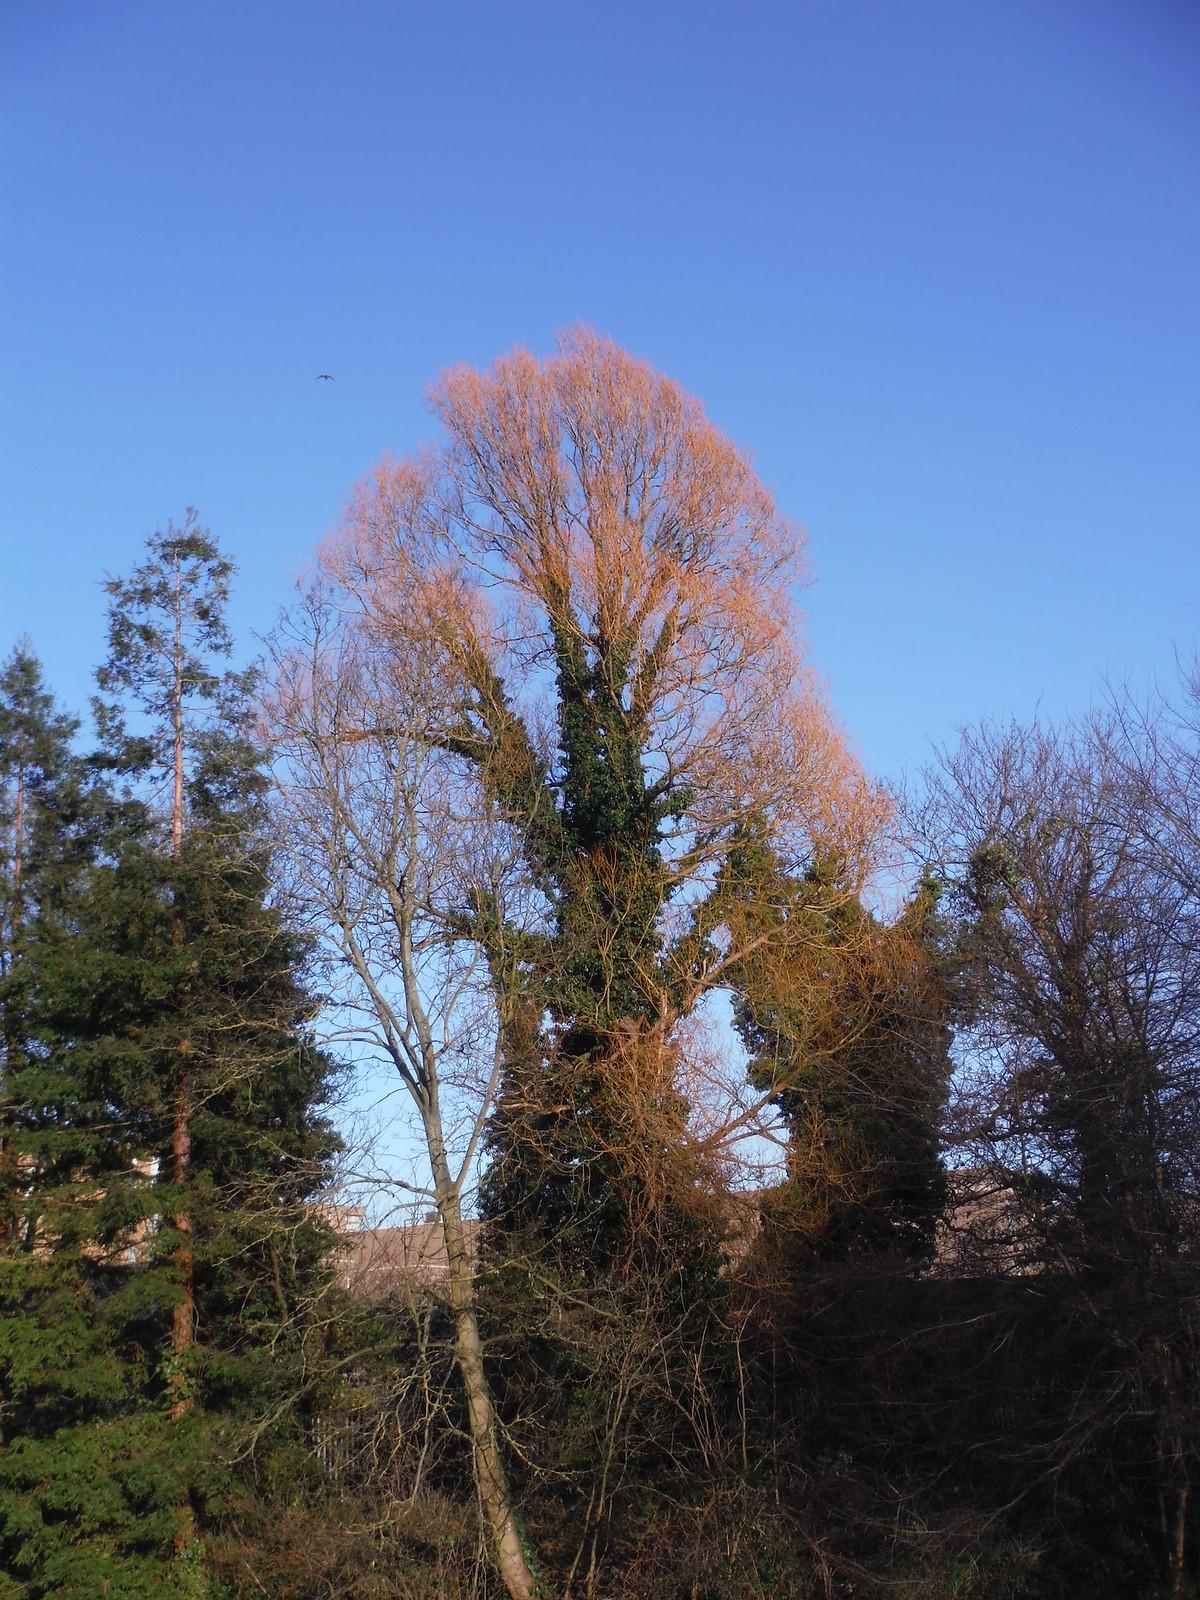 Tree in Winter Sun, Ladywell Fields SWC Short Walk 36 - Waterlink Way (Lower Sydenham to Greenwich)